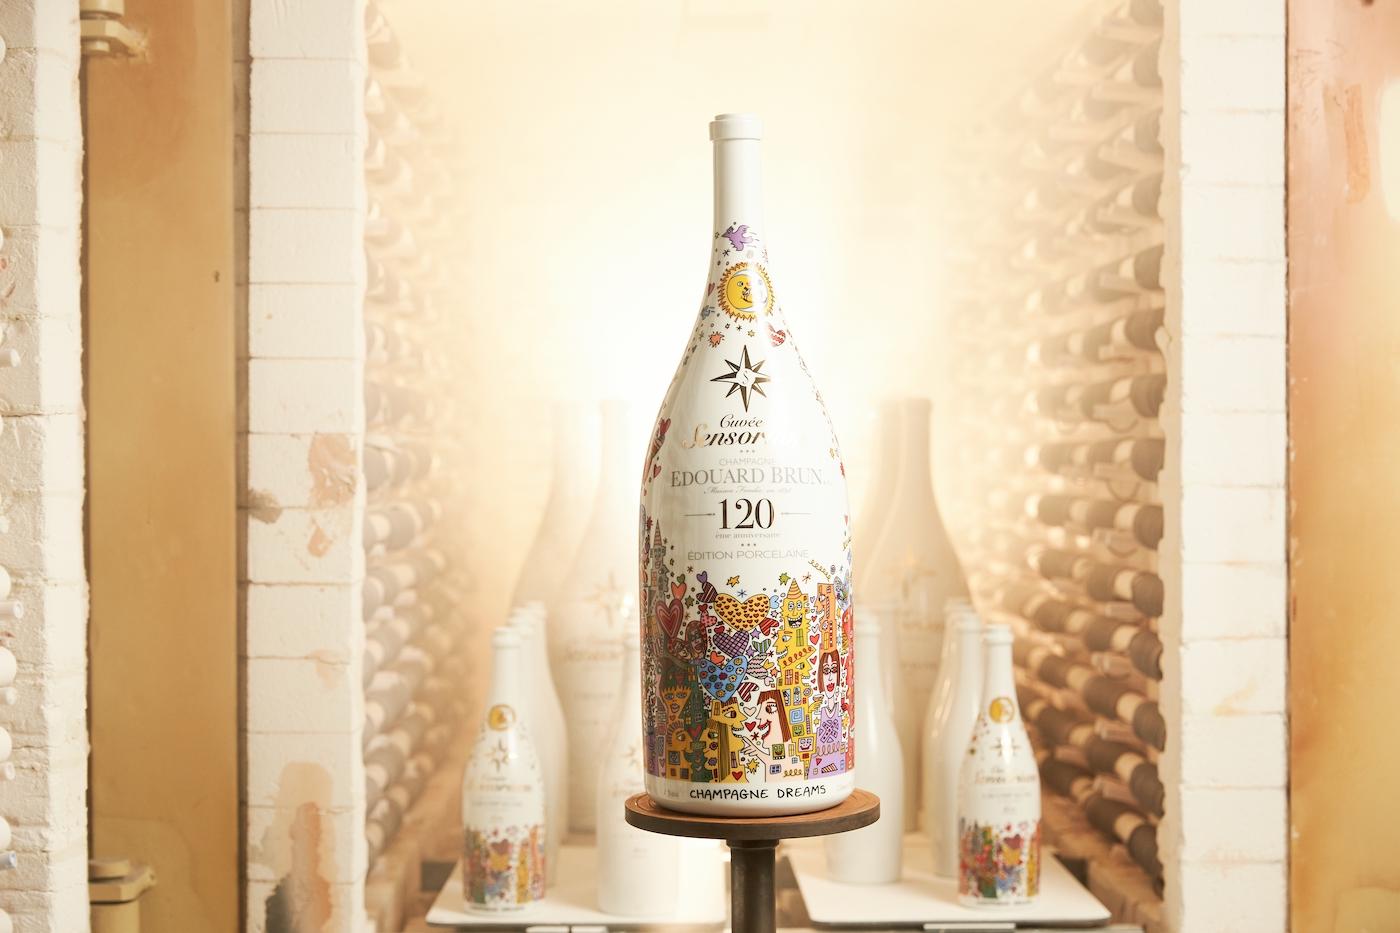 Cuvèe Sensorium stellt ersten Champagner in Porzellanflasche vor 1